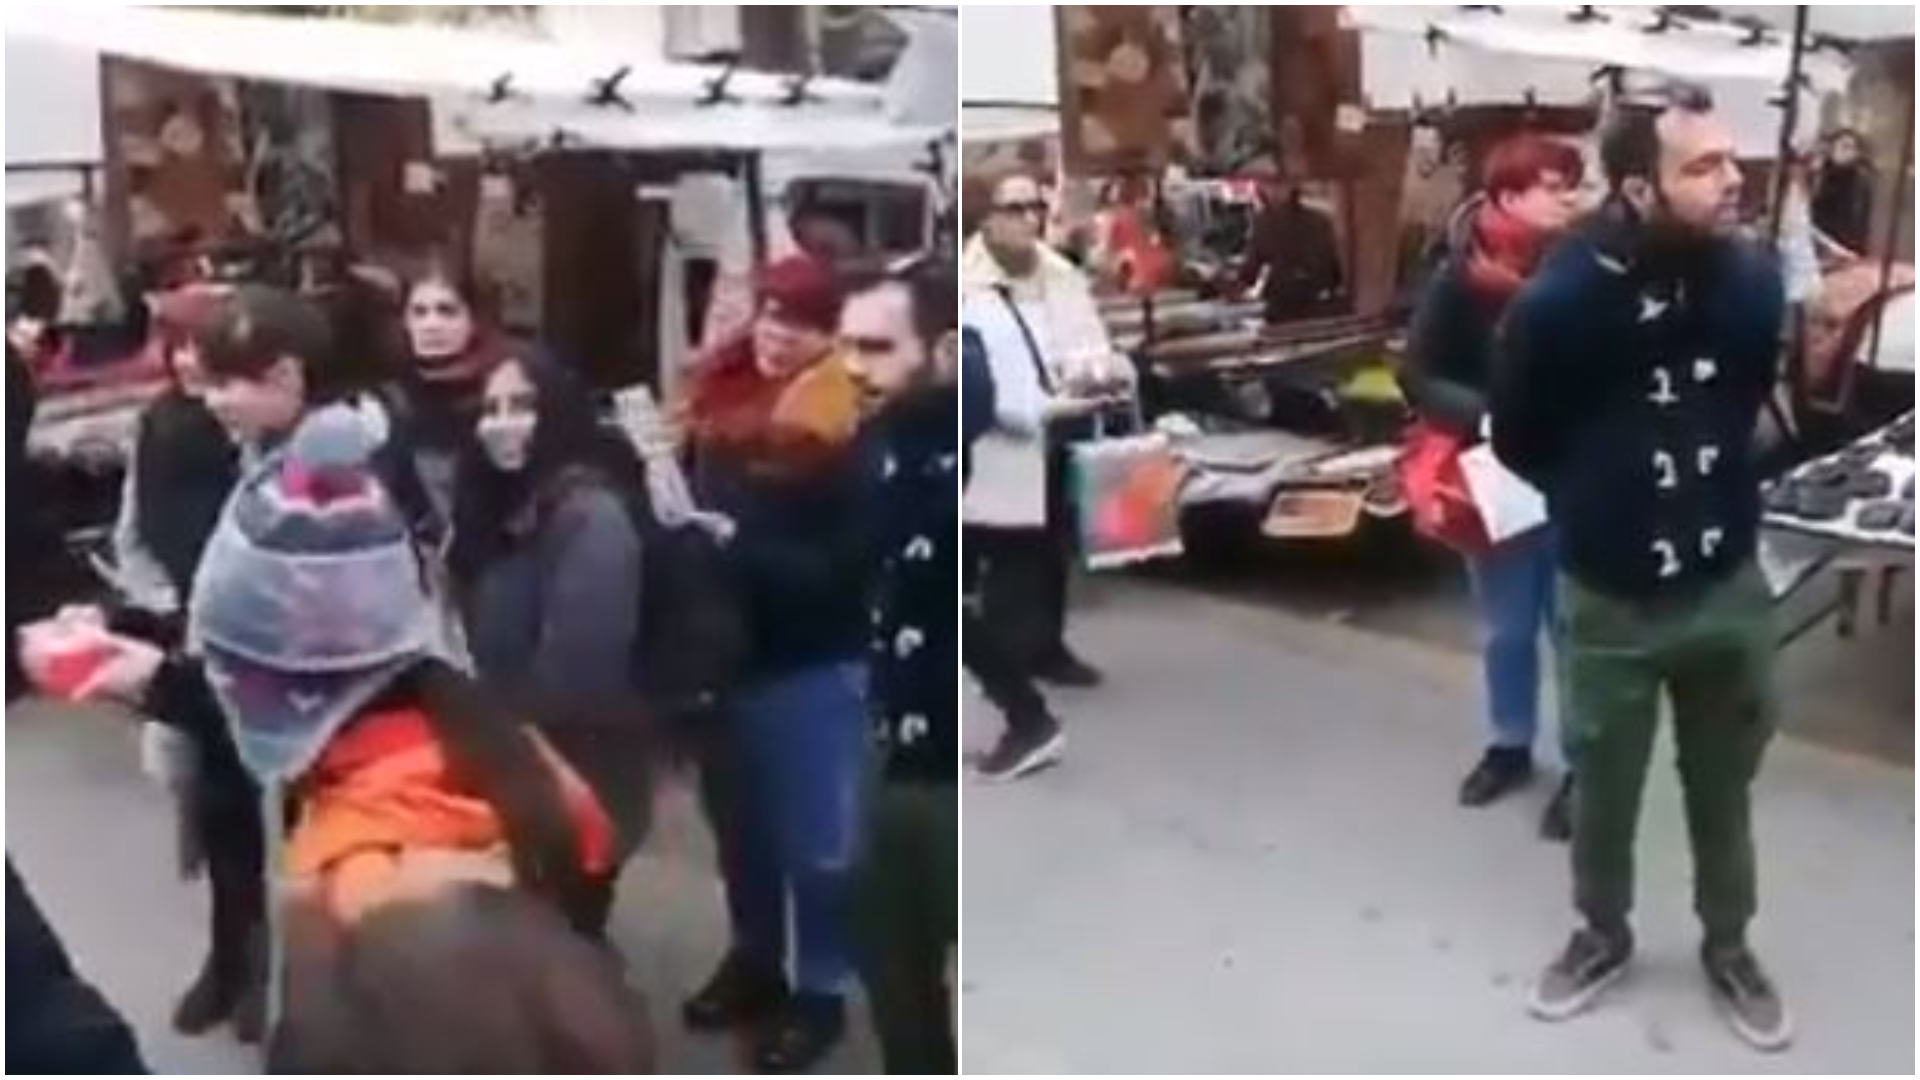 Έρχονται οι κομμουνιστές και μας παίρνουν τα κάλαντα – Θείτσα την πέφτει σε μέλη της ΚΝΕ σε λαϊκή (VIDEO)